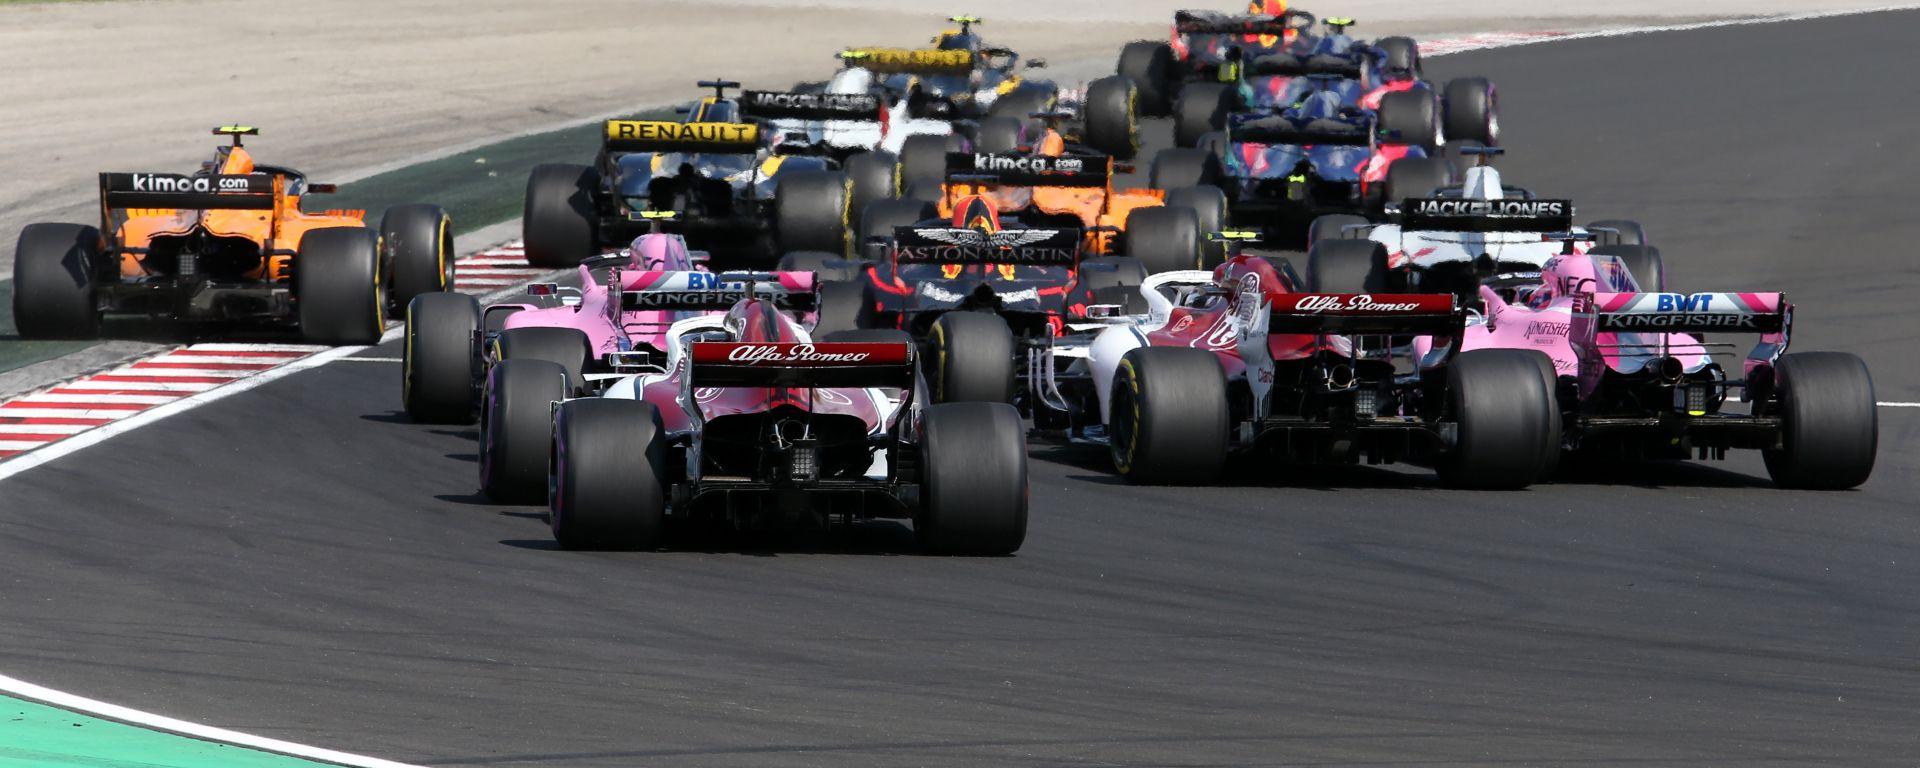 F1 GP Ungheria 2019, Budapest: la partenza della gara